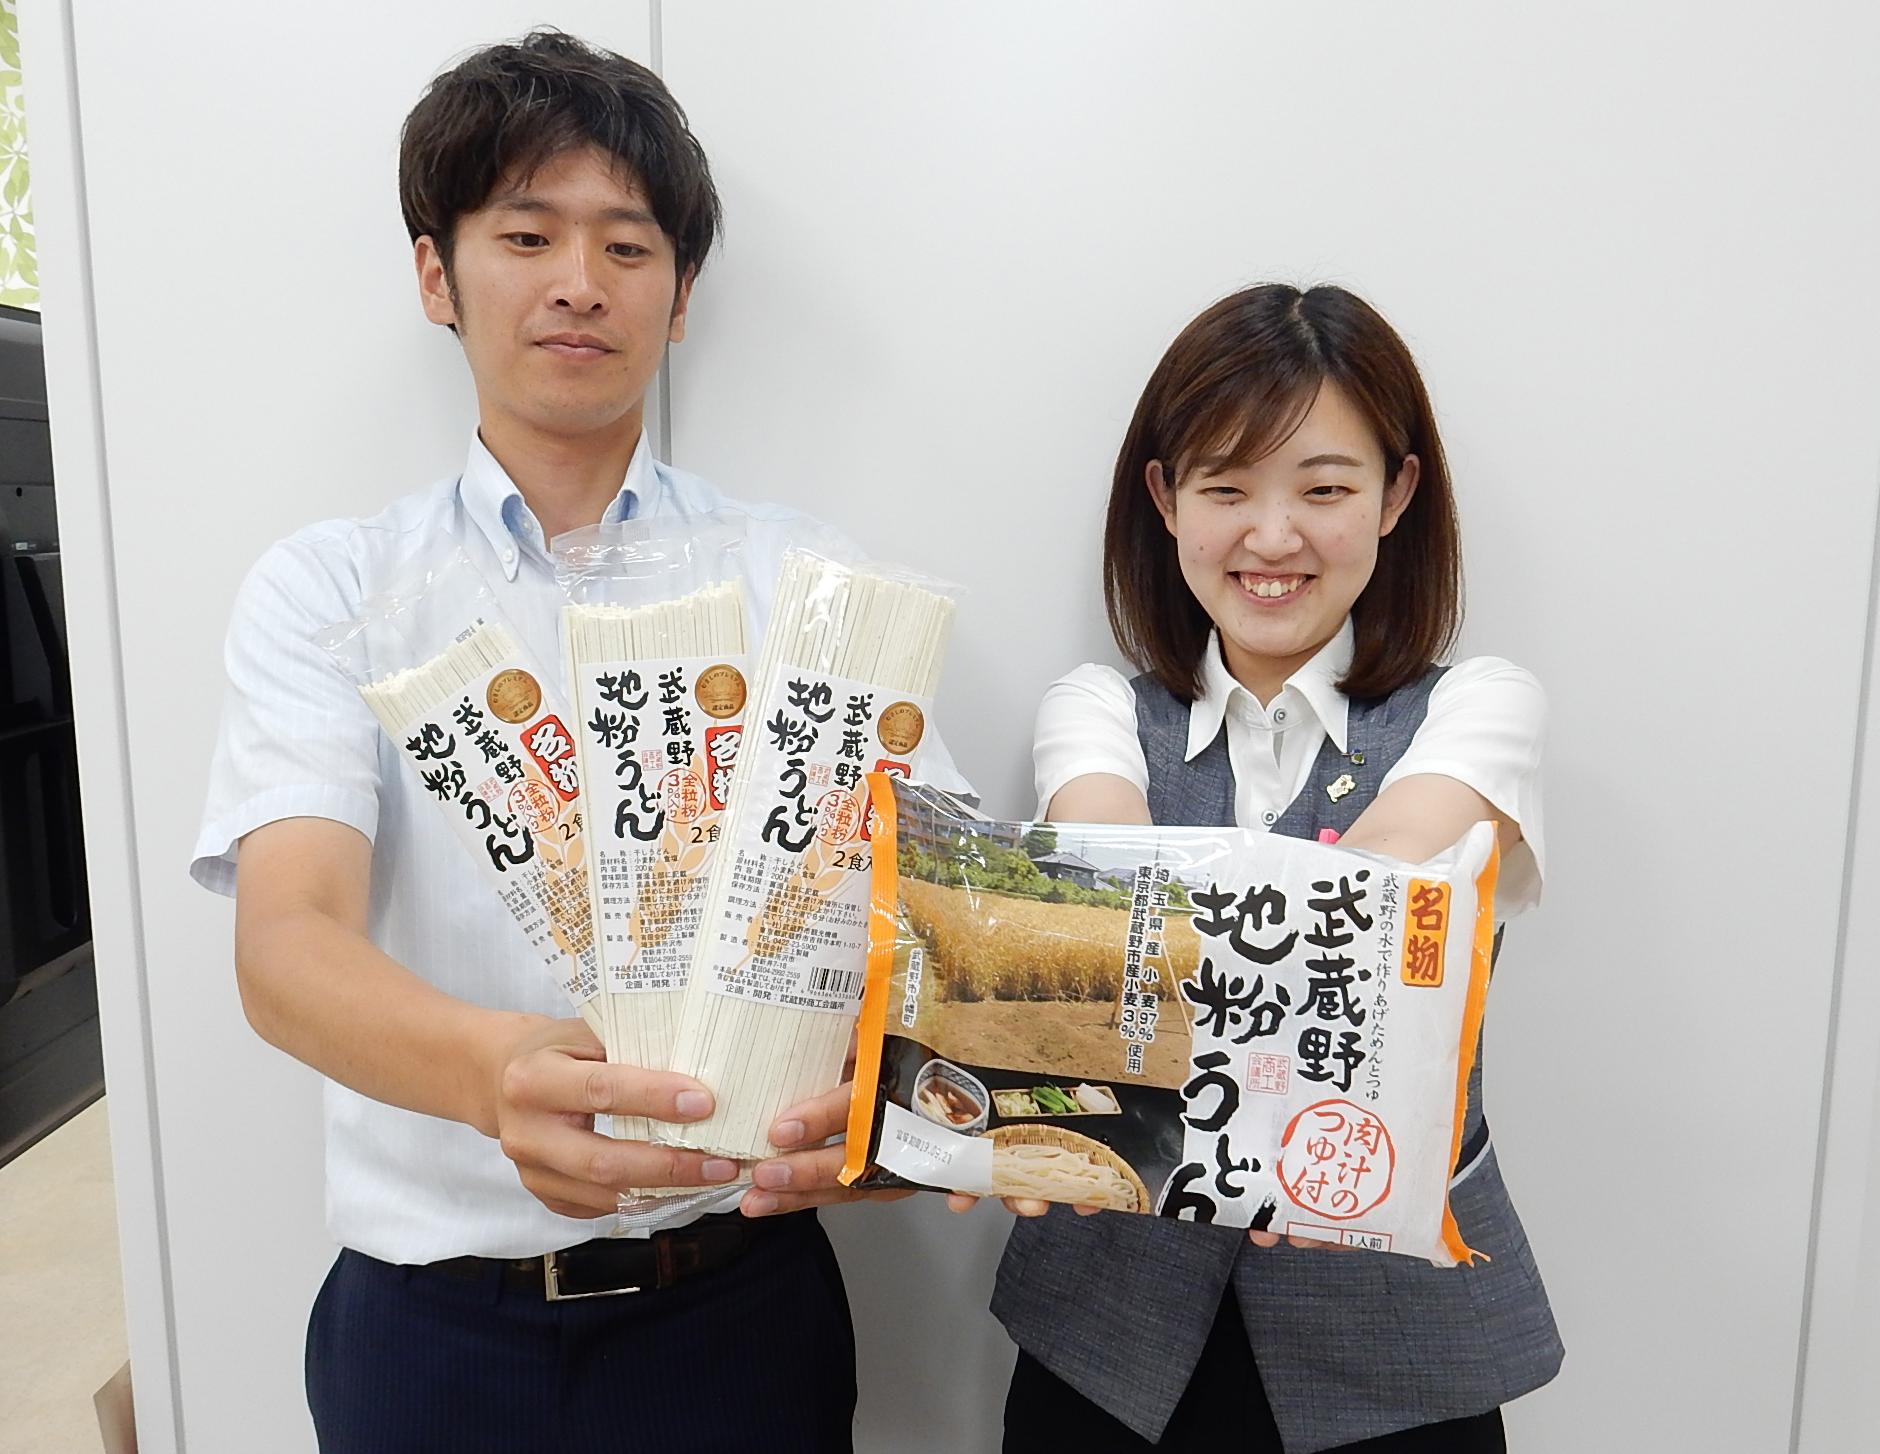 武蔵野市産の小麦を使った「武蔵野地粉うどん」が人気